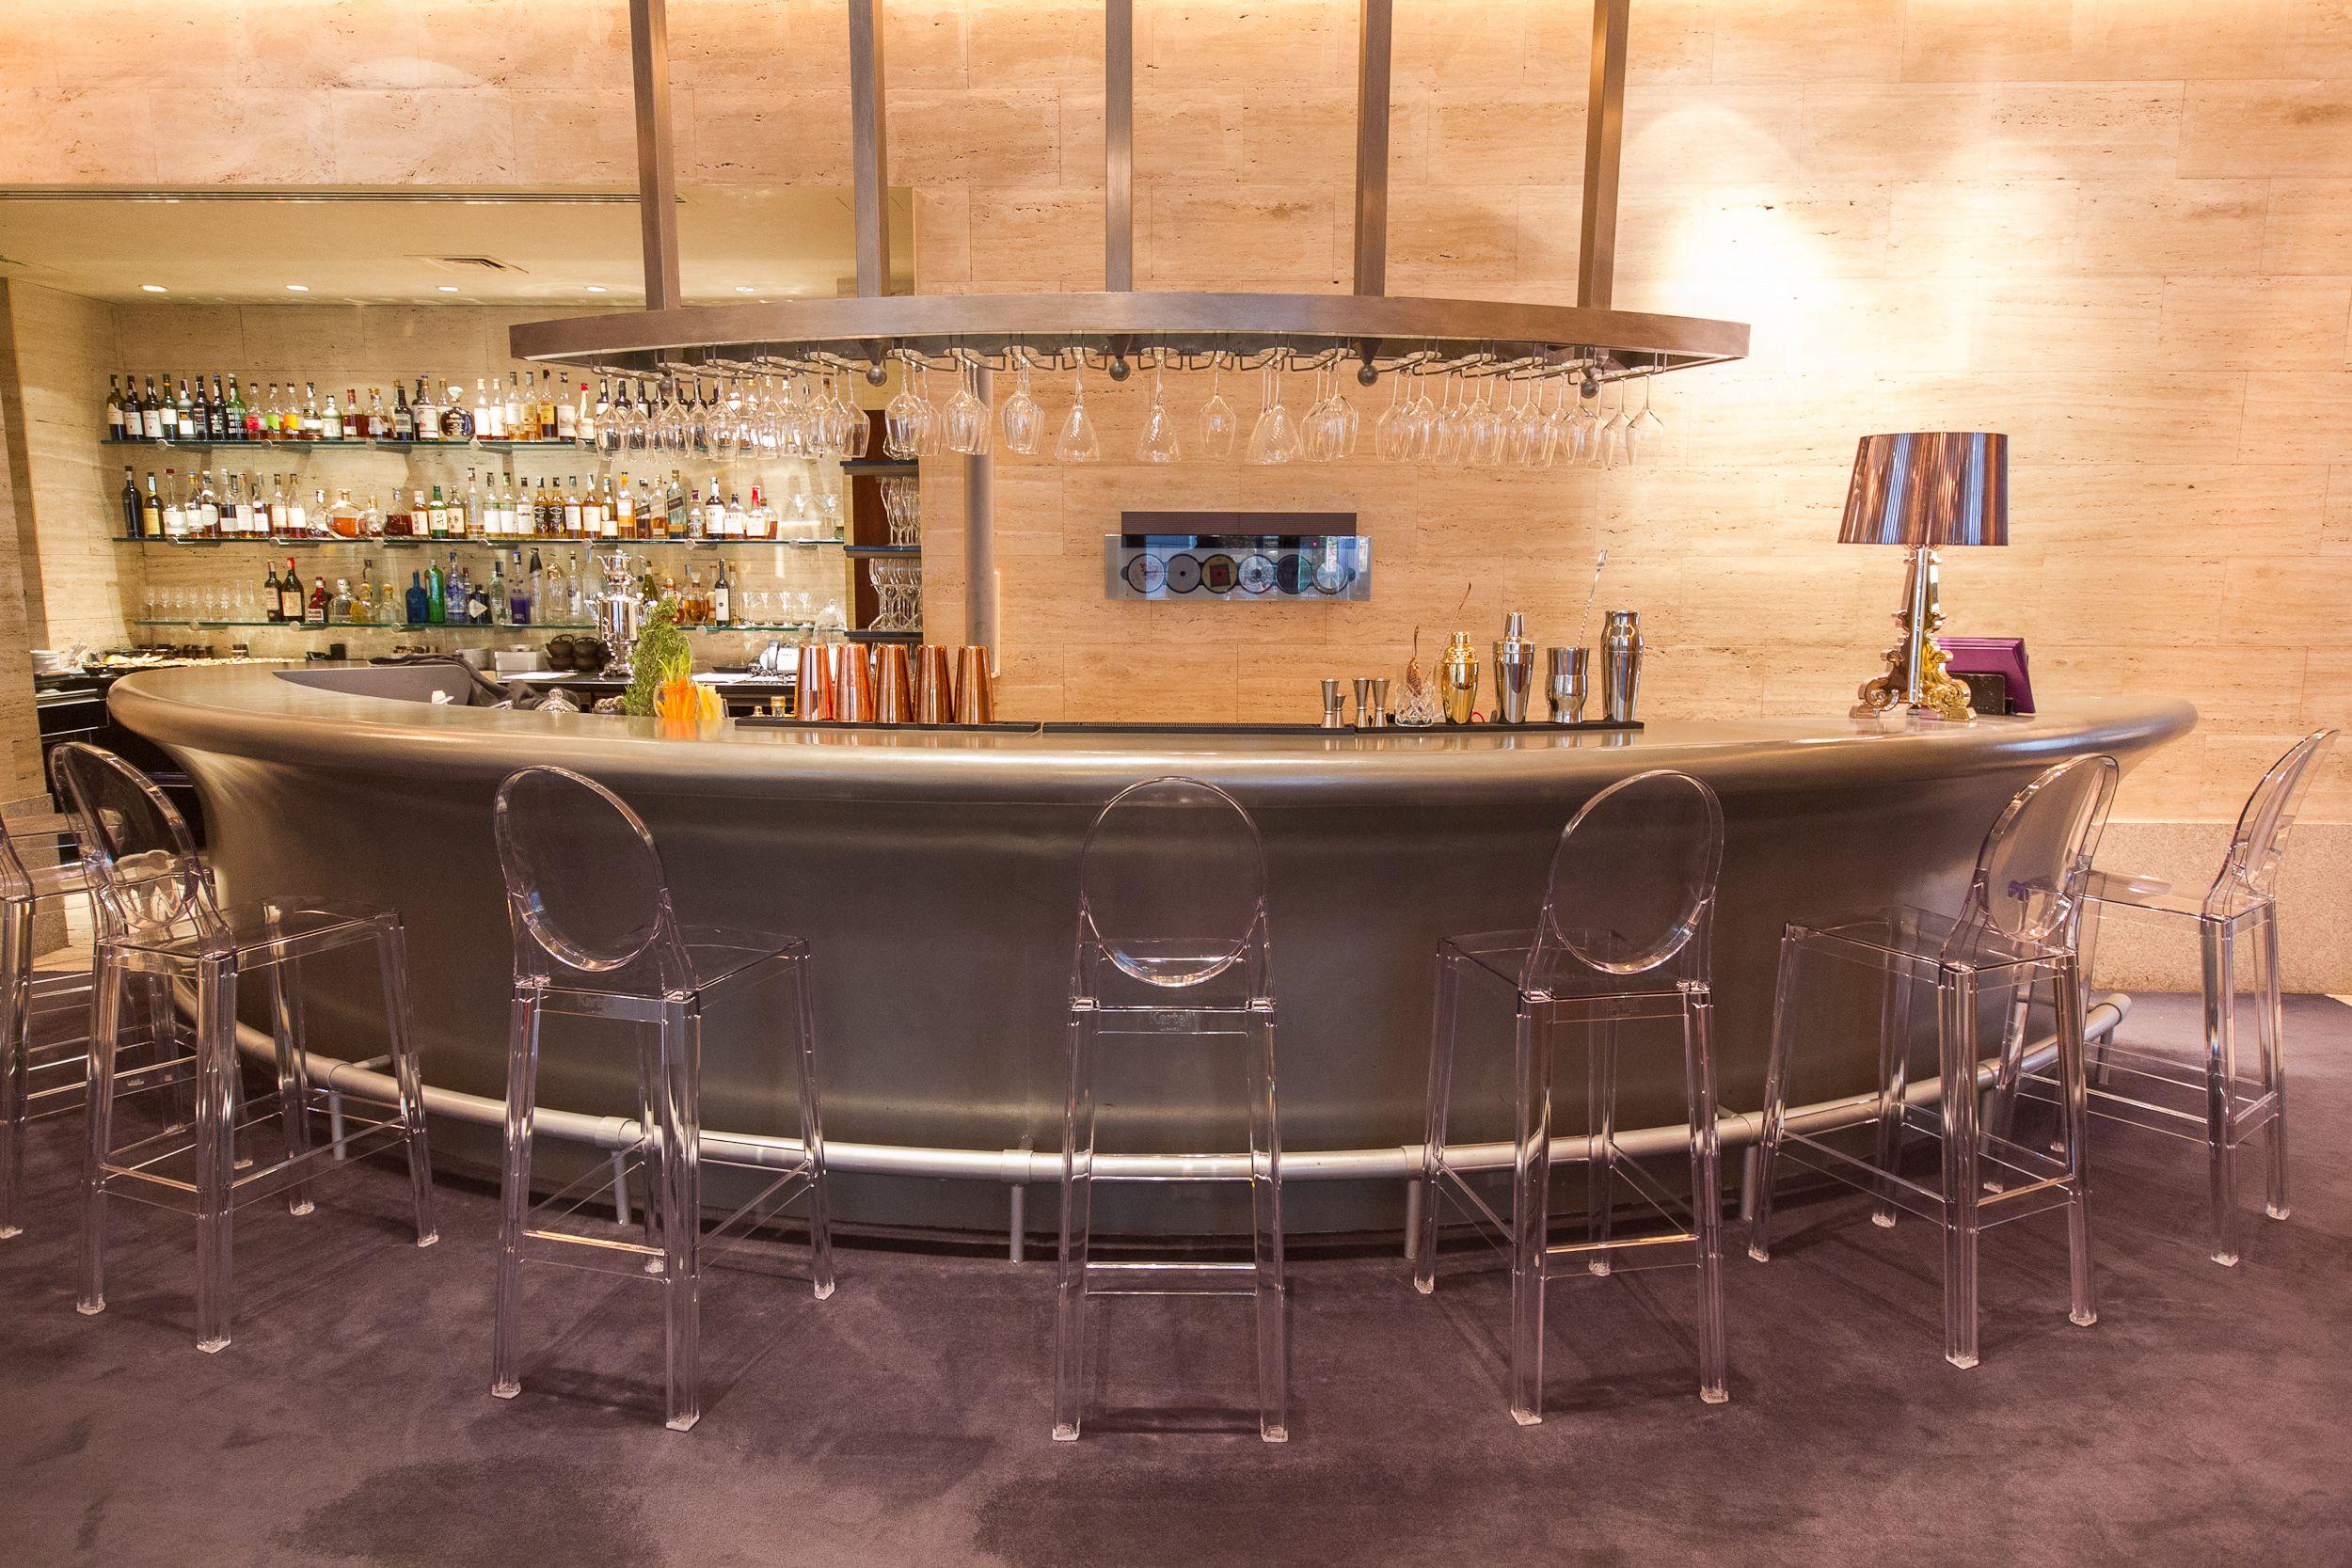 The park bar hyatt kartell milandesignweek kartell for the